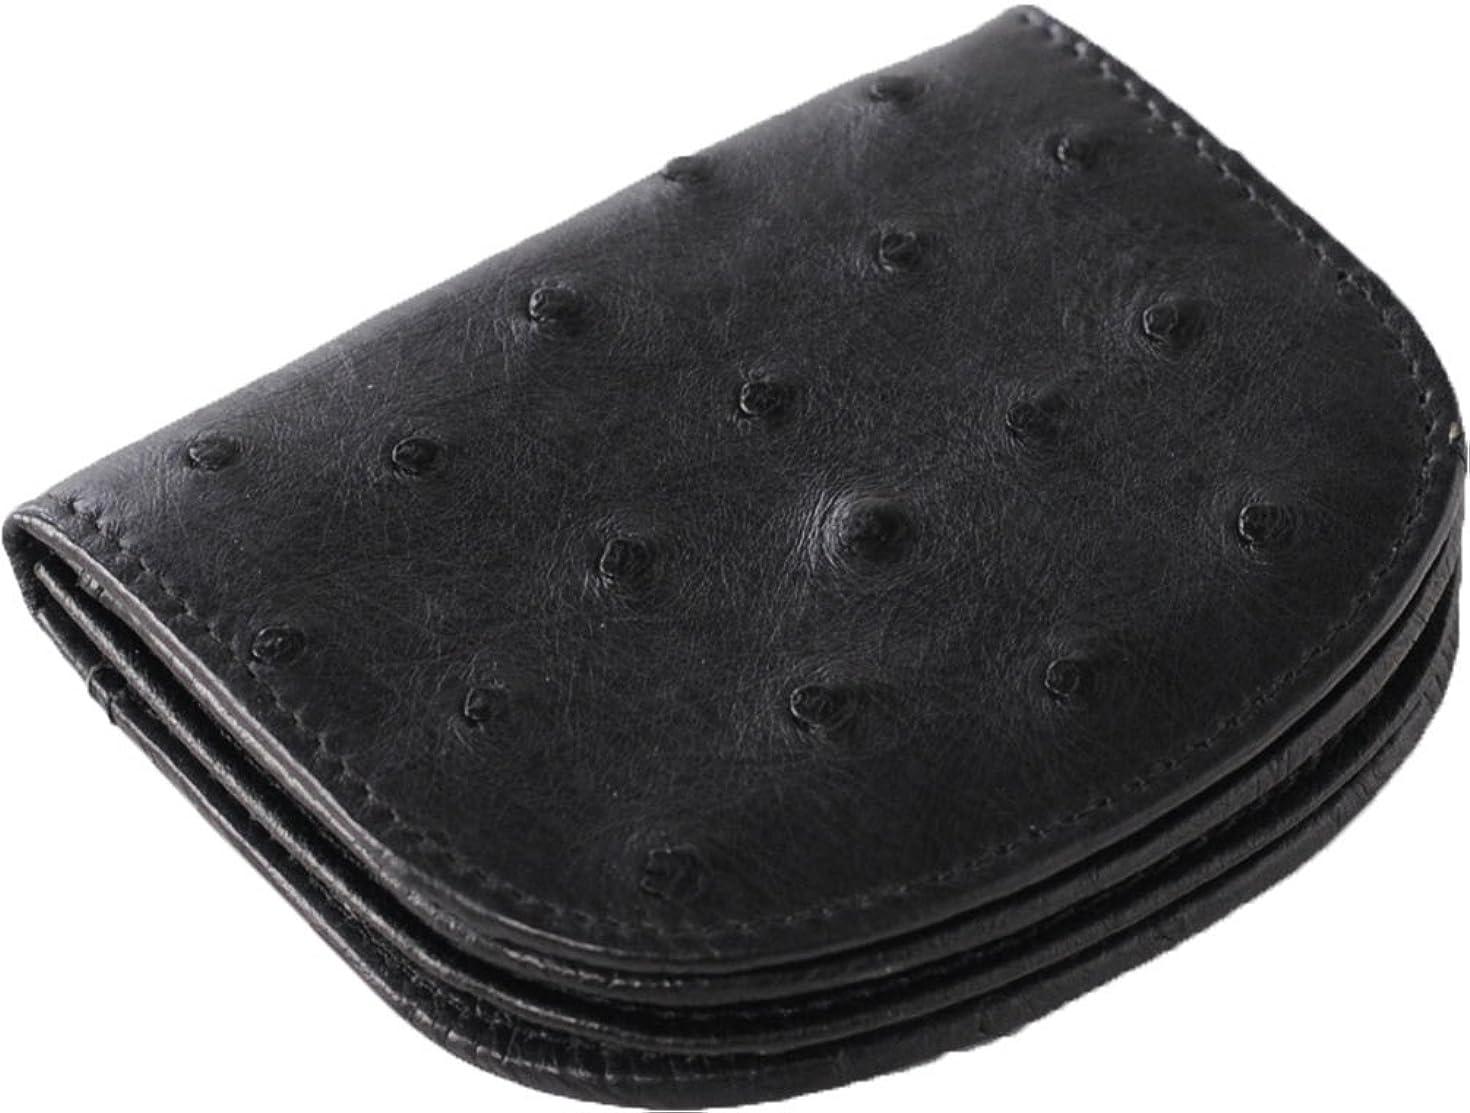 対処昇るちっちゃいオーストリッチ 小銭入れ 馬蹄型 ミニ財布 レディース